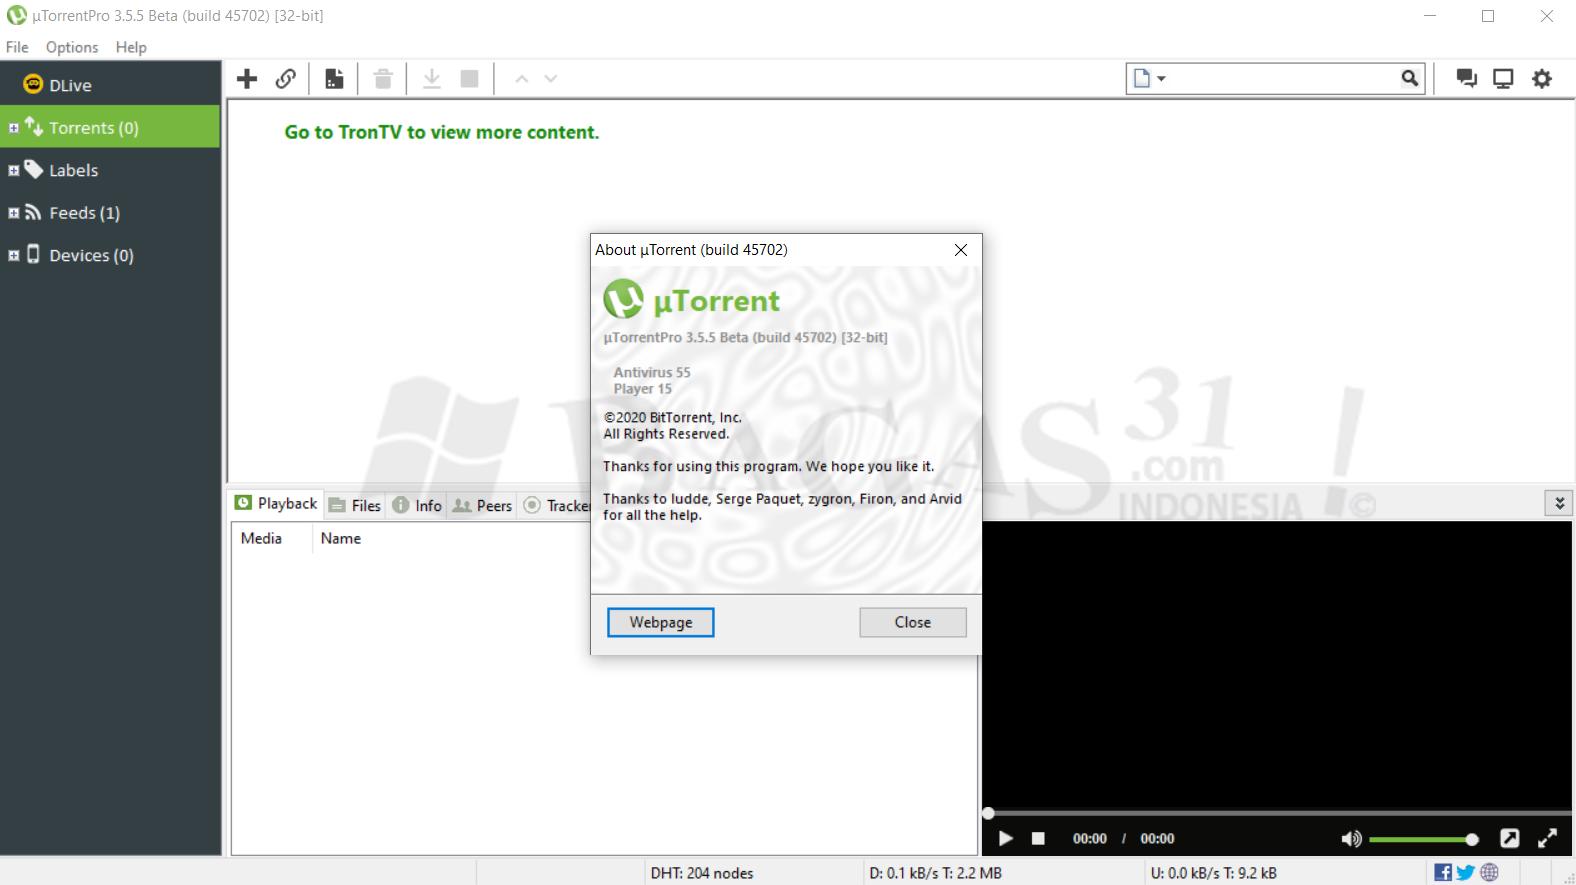 uTorrent Pro 3.5.5 Build 45702 Beta Full Crack